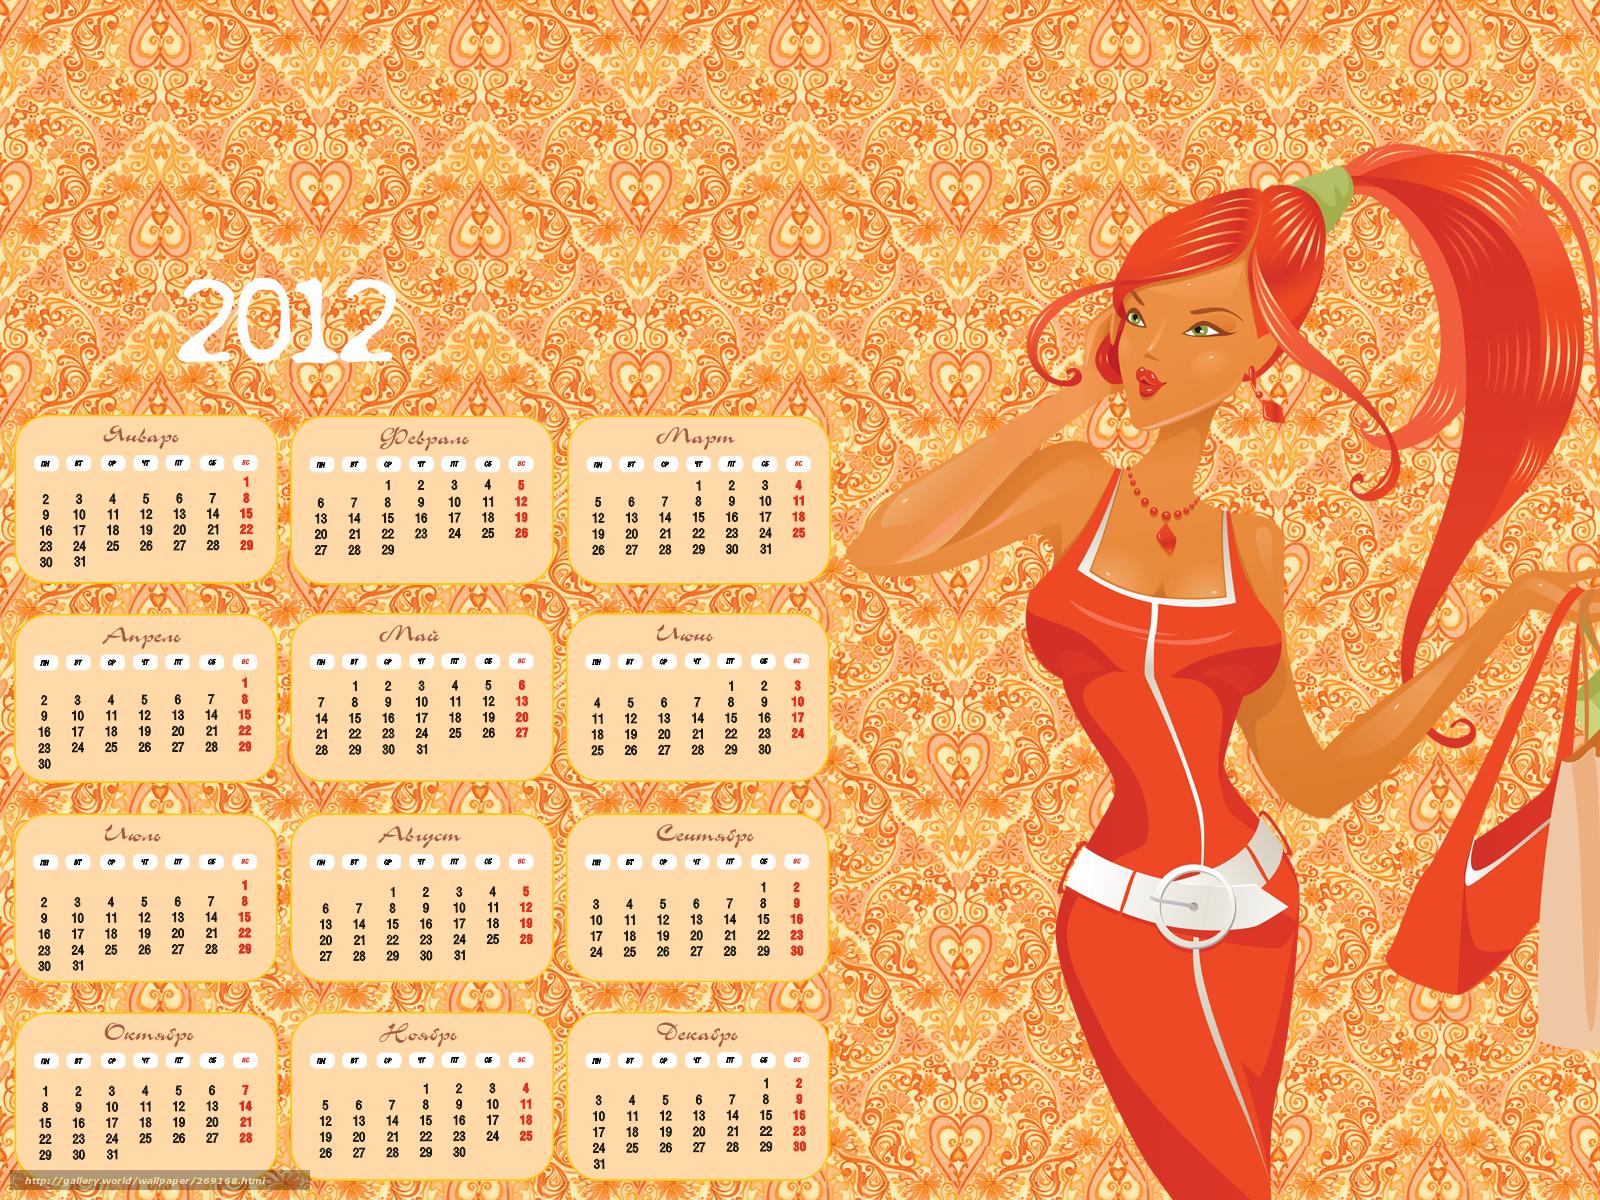 Фото hd на календарь